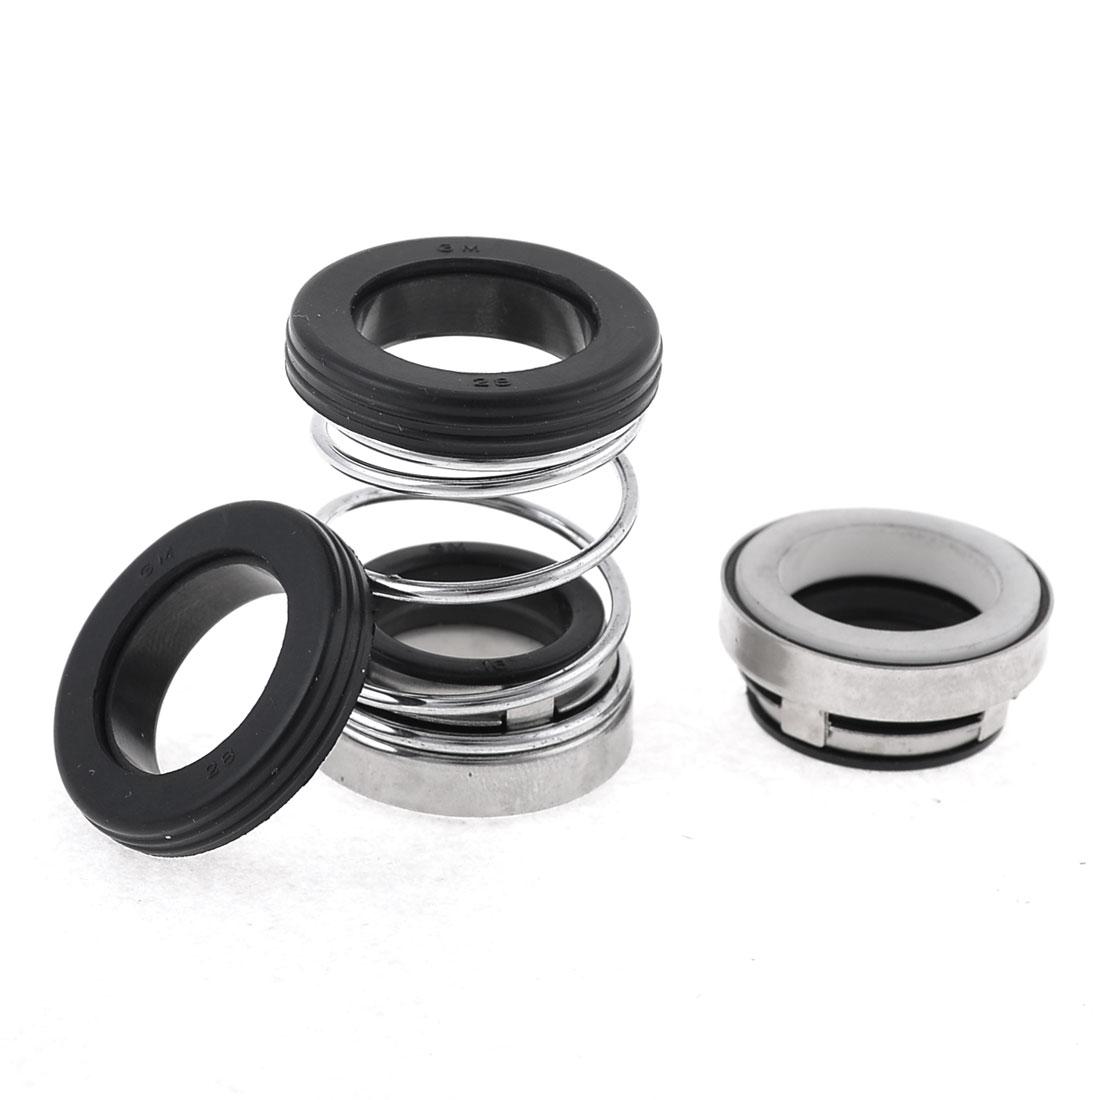 16mm Internal Dia Rubber Bellow Coil Spring Pump Shaft Mechanical Seal